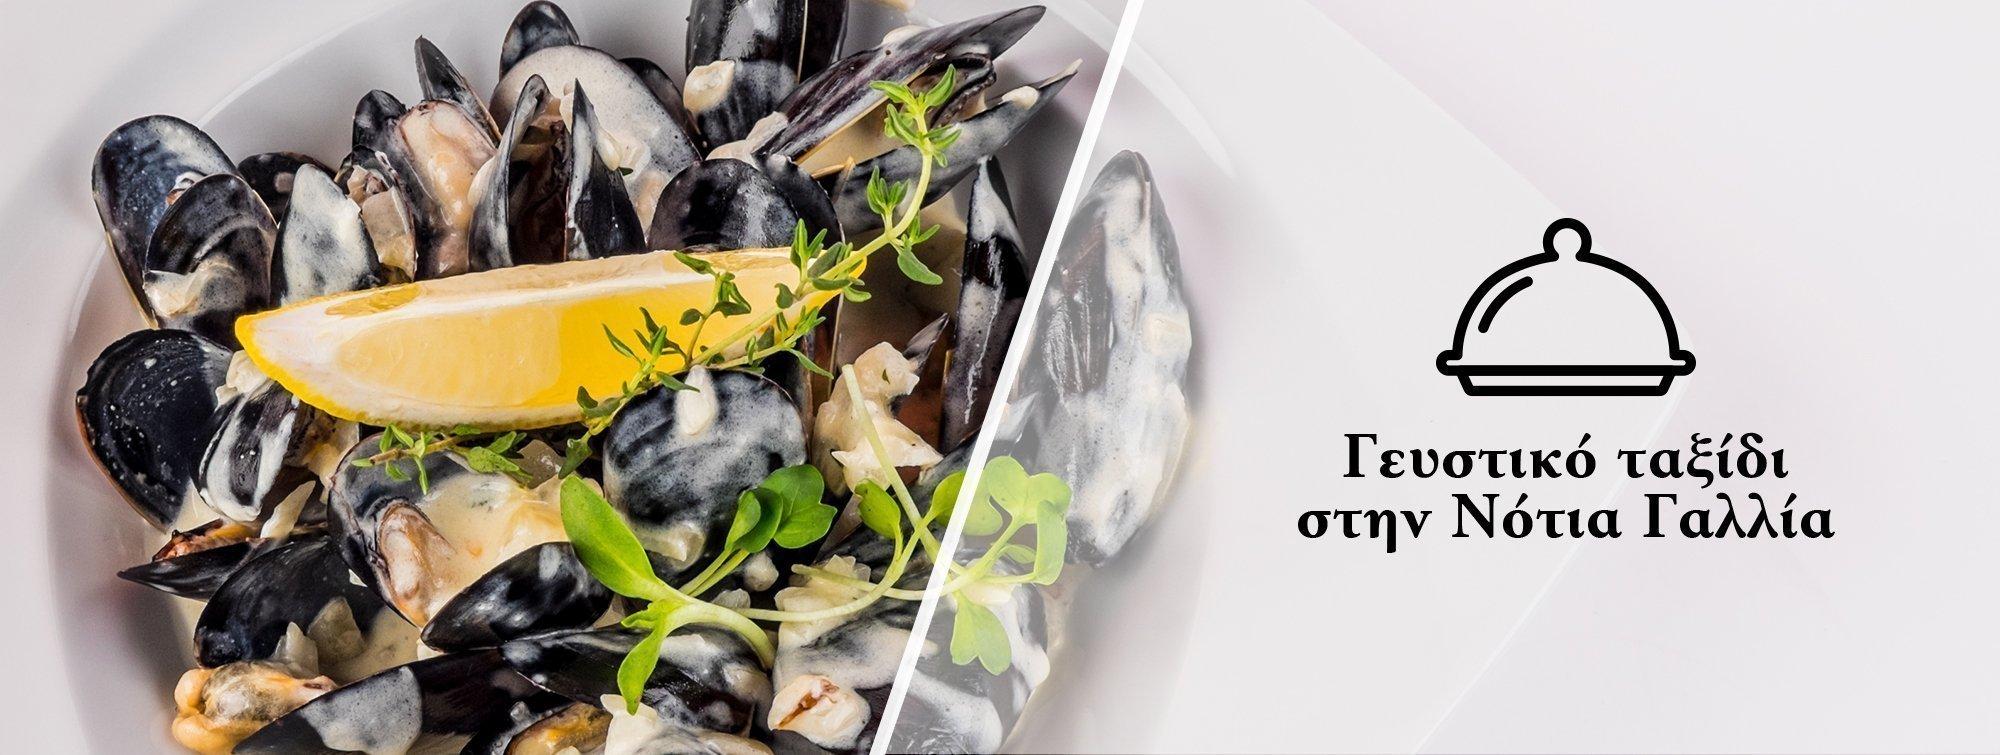 Συνταγές από τη Νότια Γαλλία!